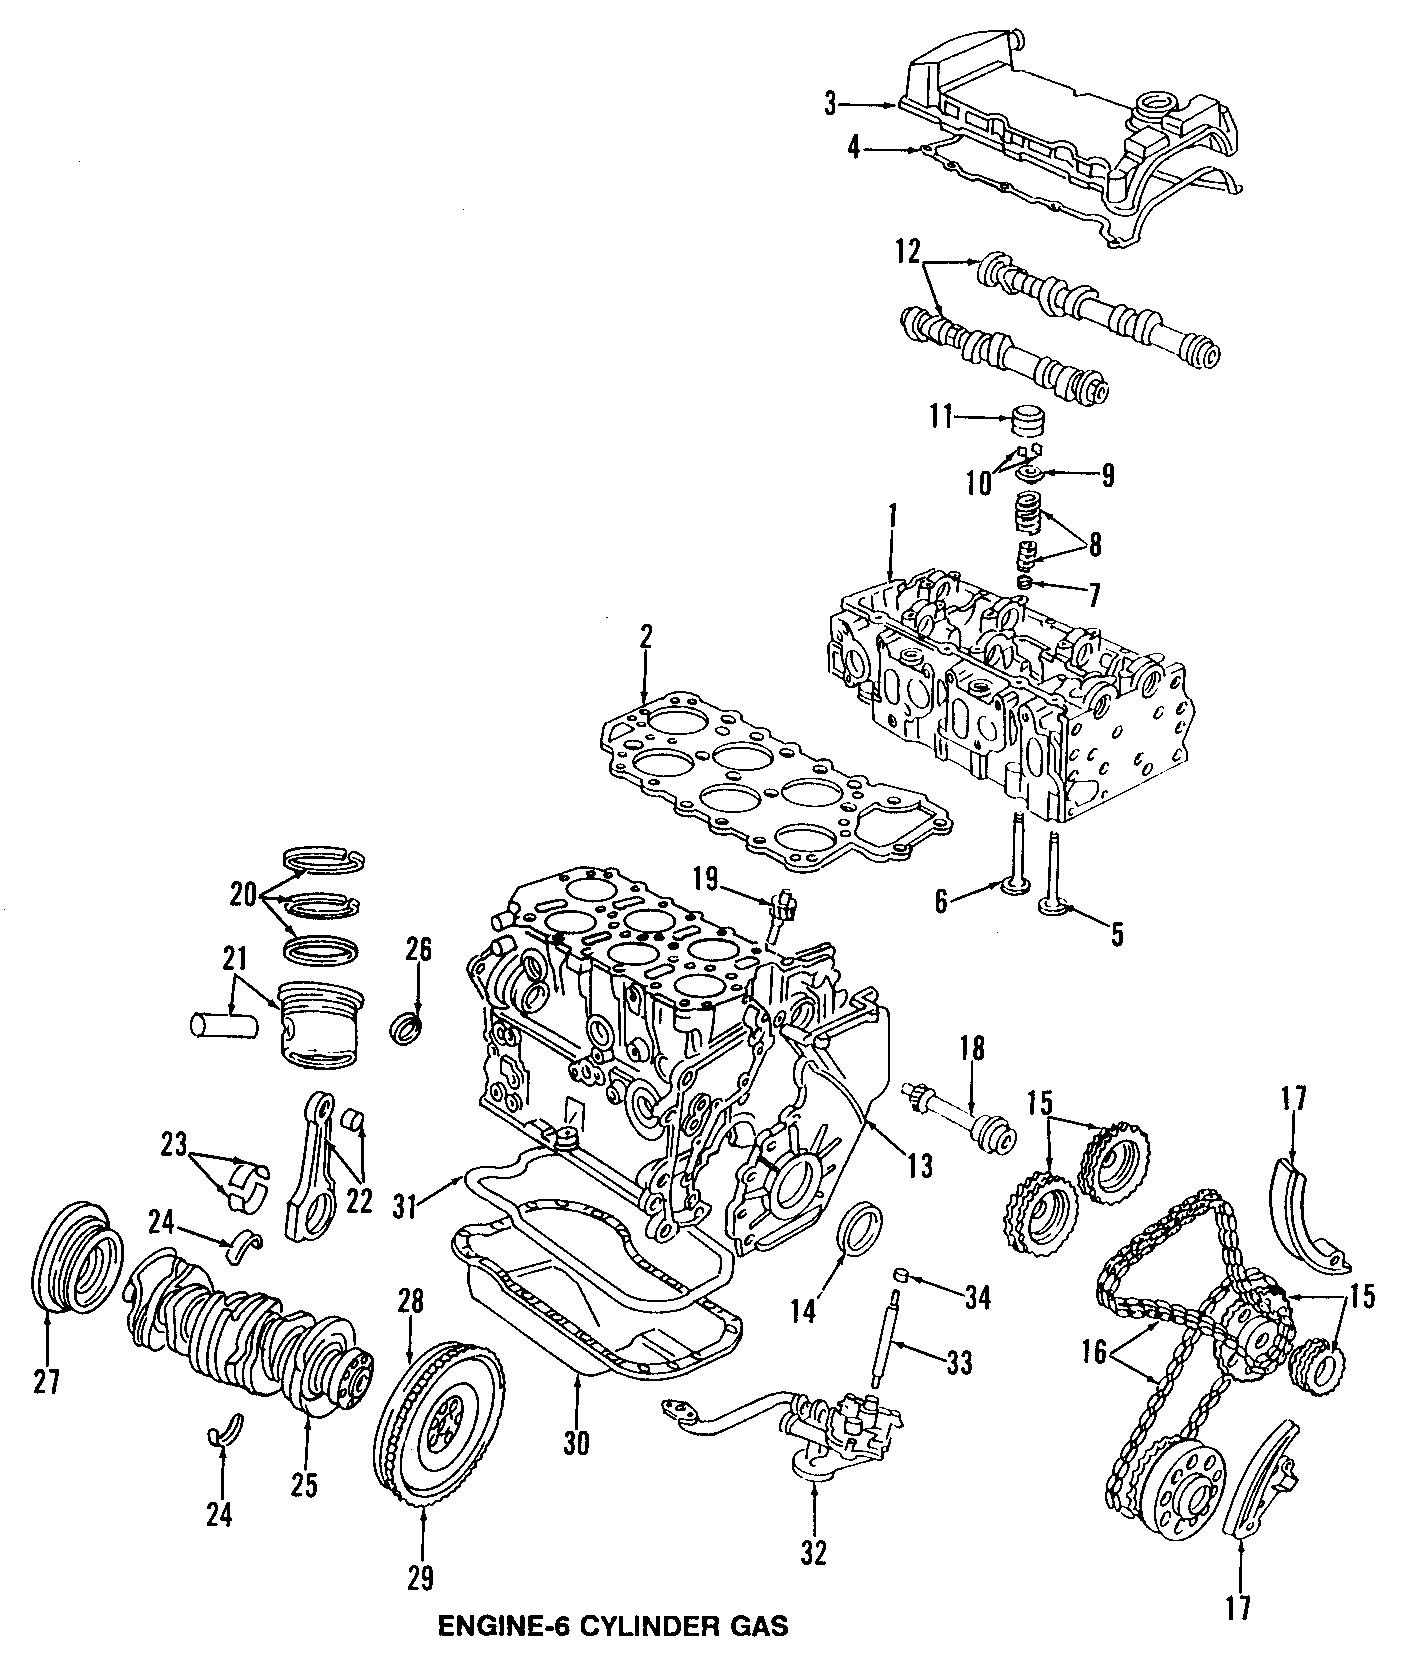 2003 Volkswagen Jetta Engine Valve Cover  2 8 Liter  W  24 Valve Engine  2003